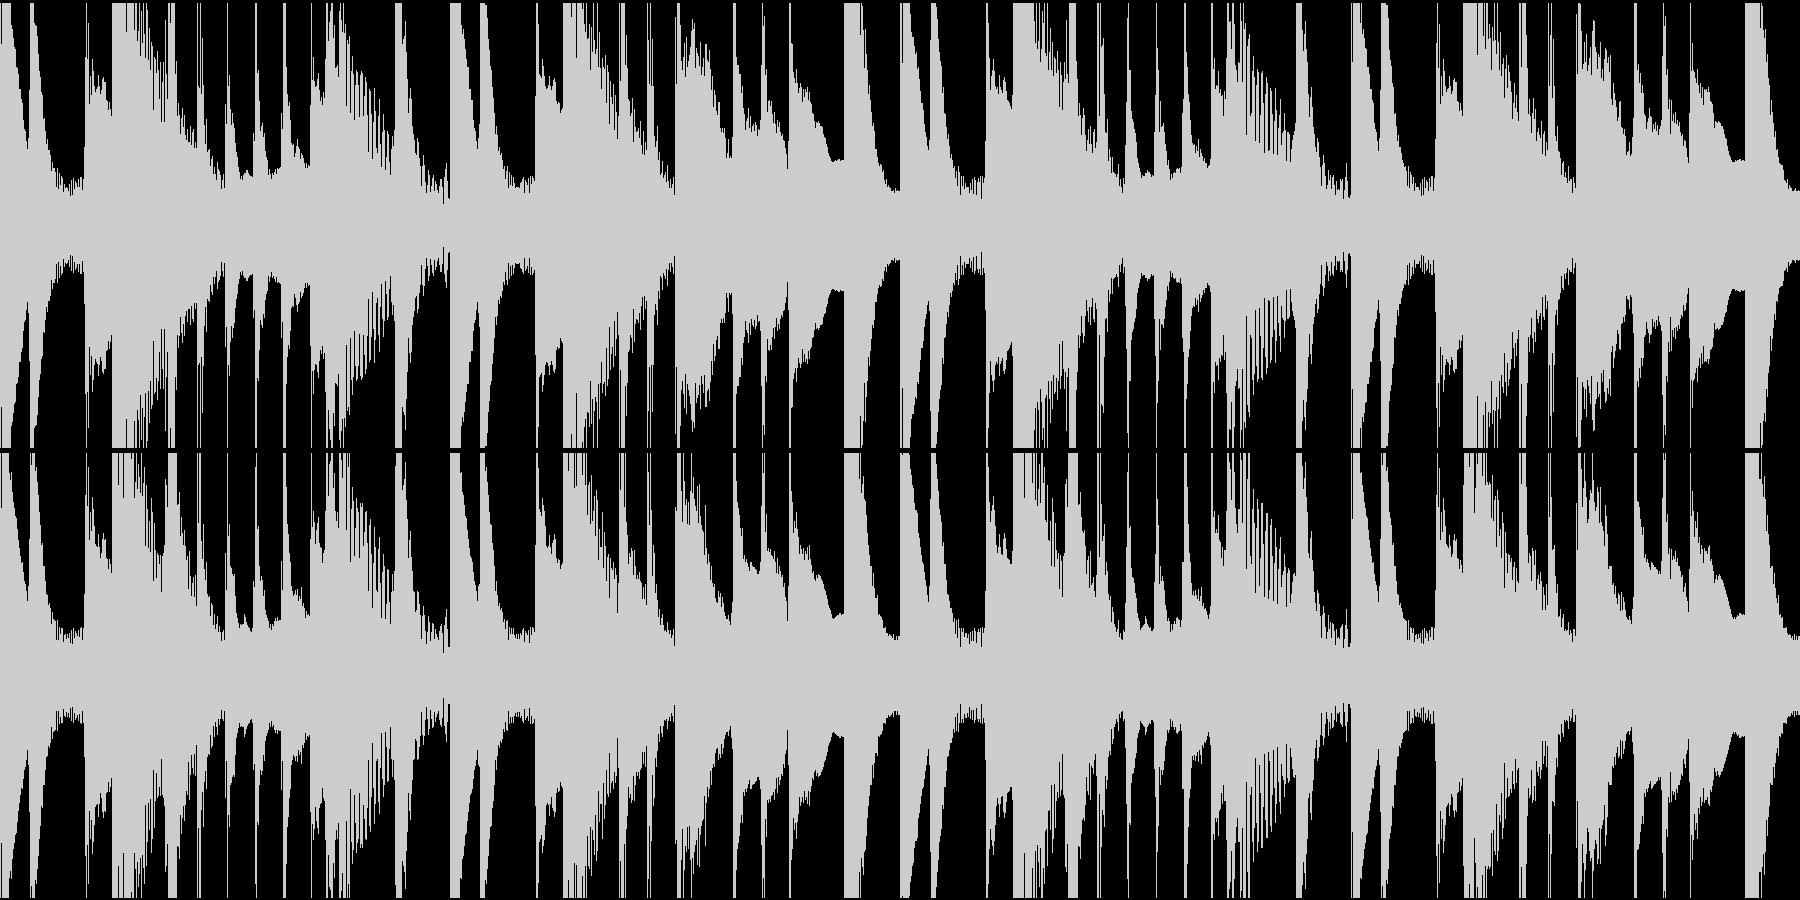 ほのぼのした日常BGMの未再生の波形